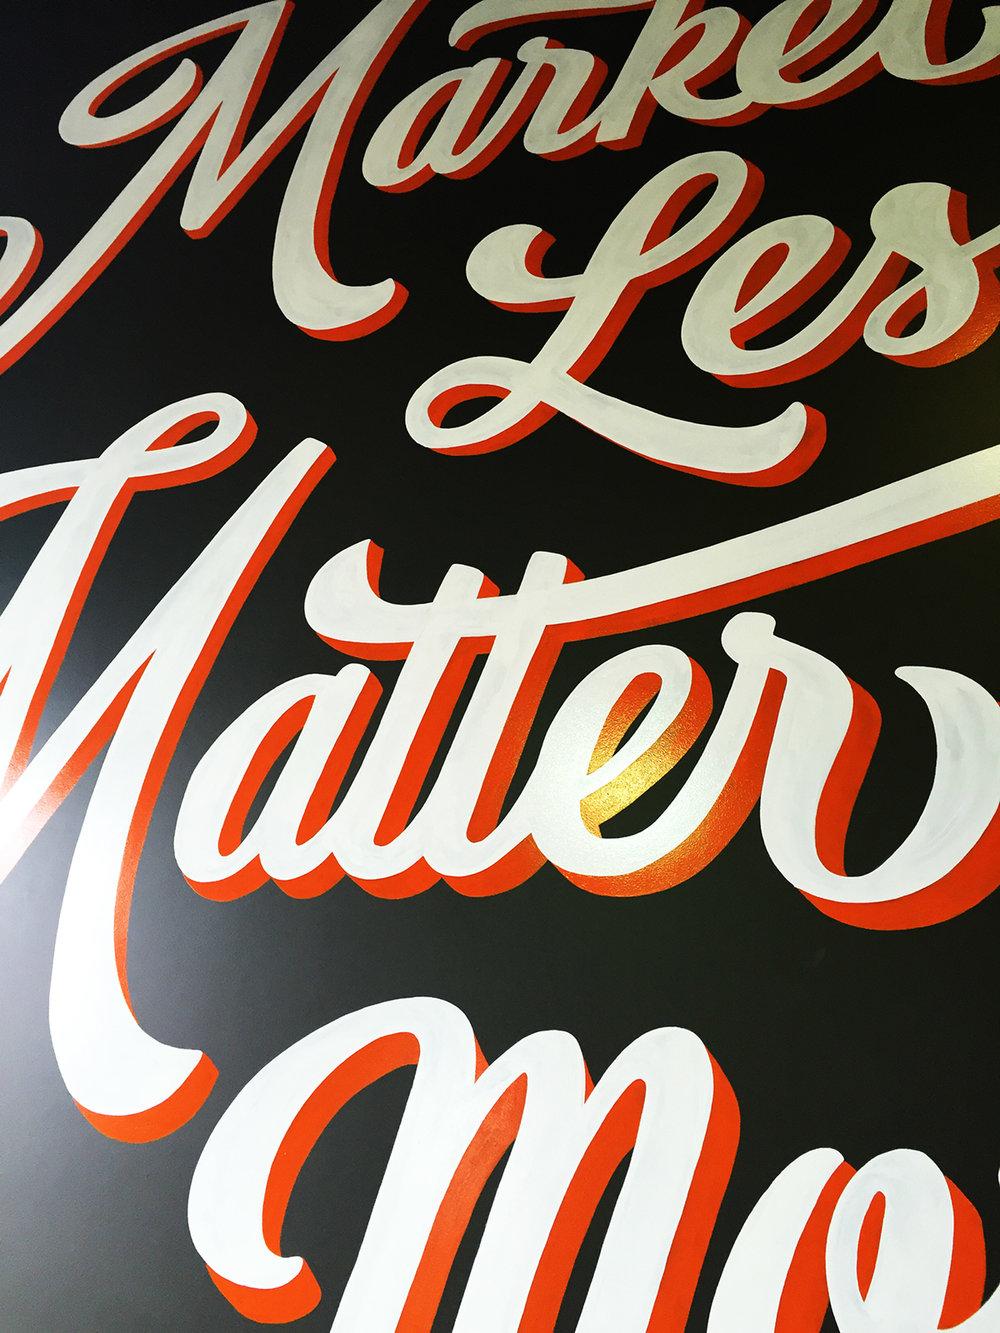 Leo-Gomez-Studio-Market-Less-Matter-More-Mural-02.jpg